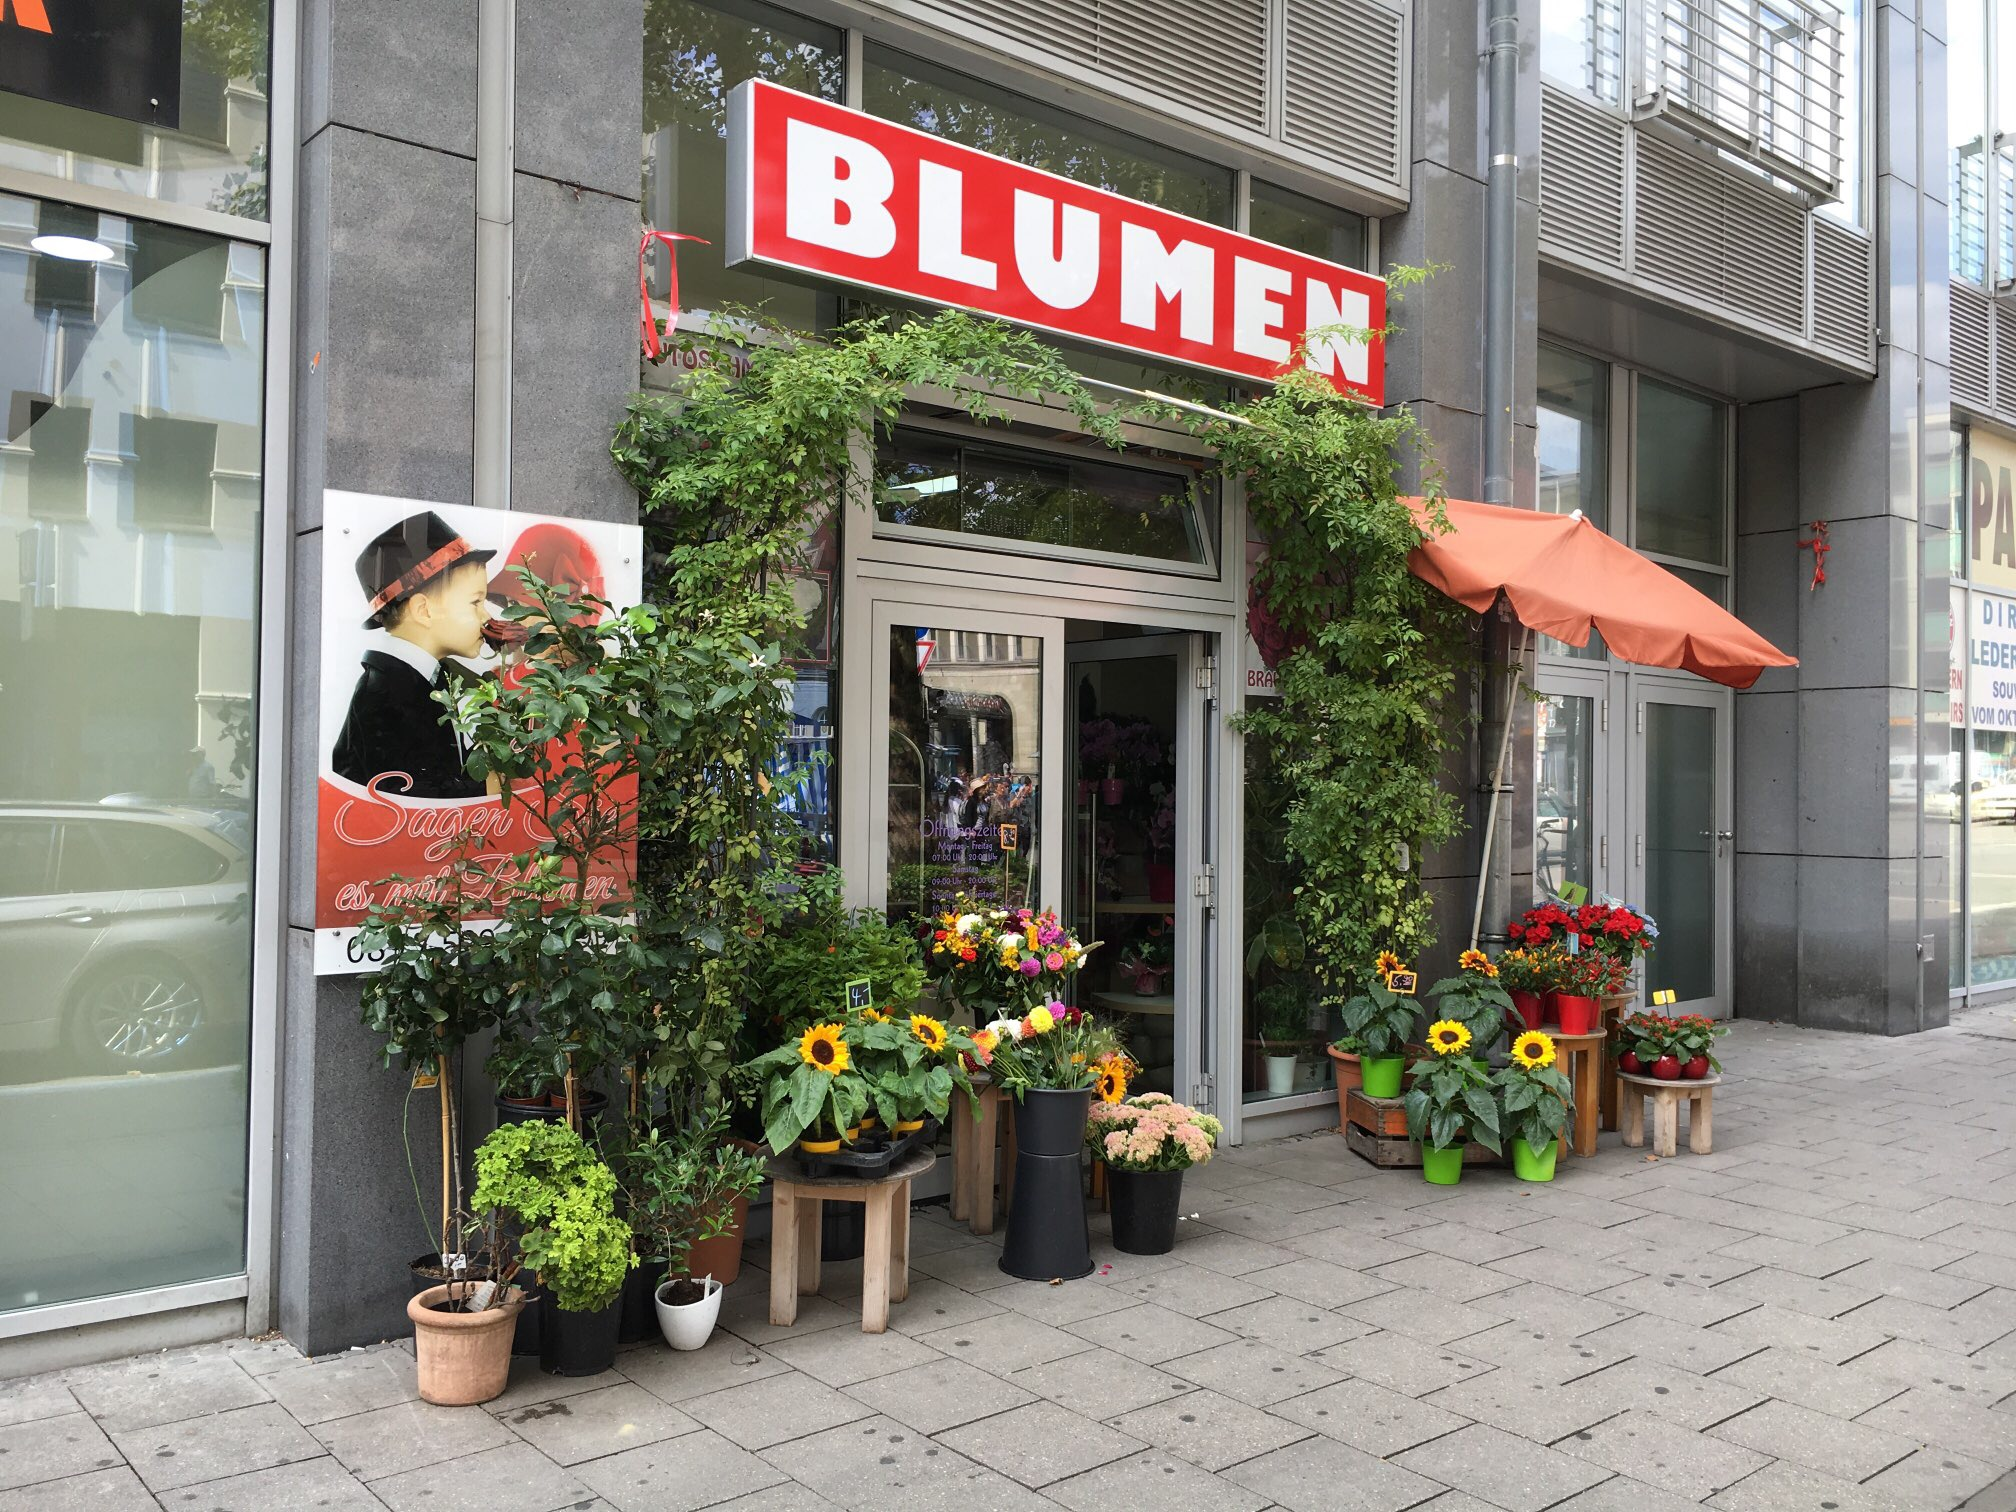 Blumen Deluxe 80336 Munchen Ludwigsvorstadt Offnungszeiten Adresse Telefon